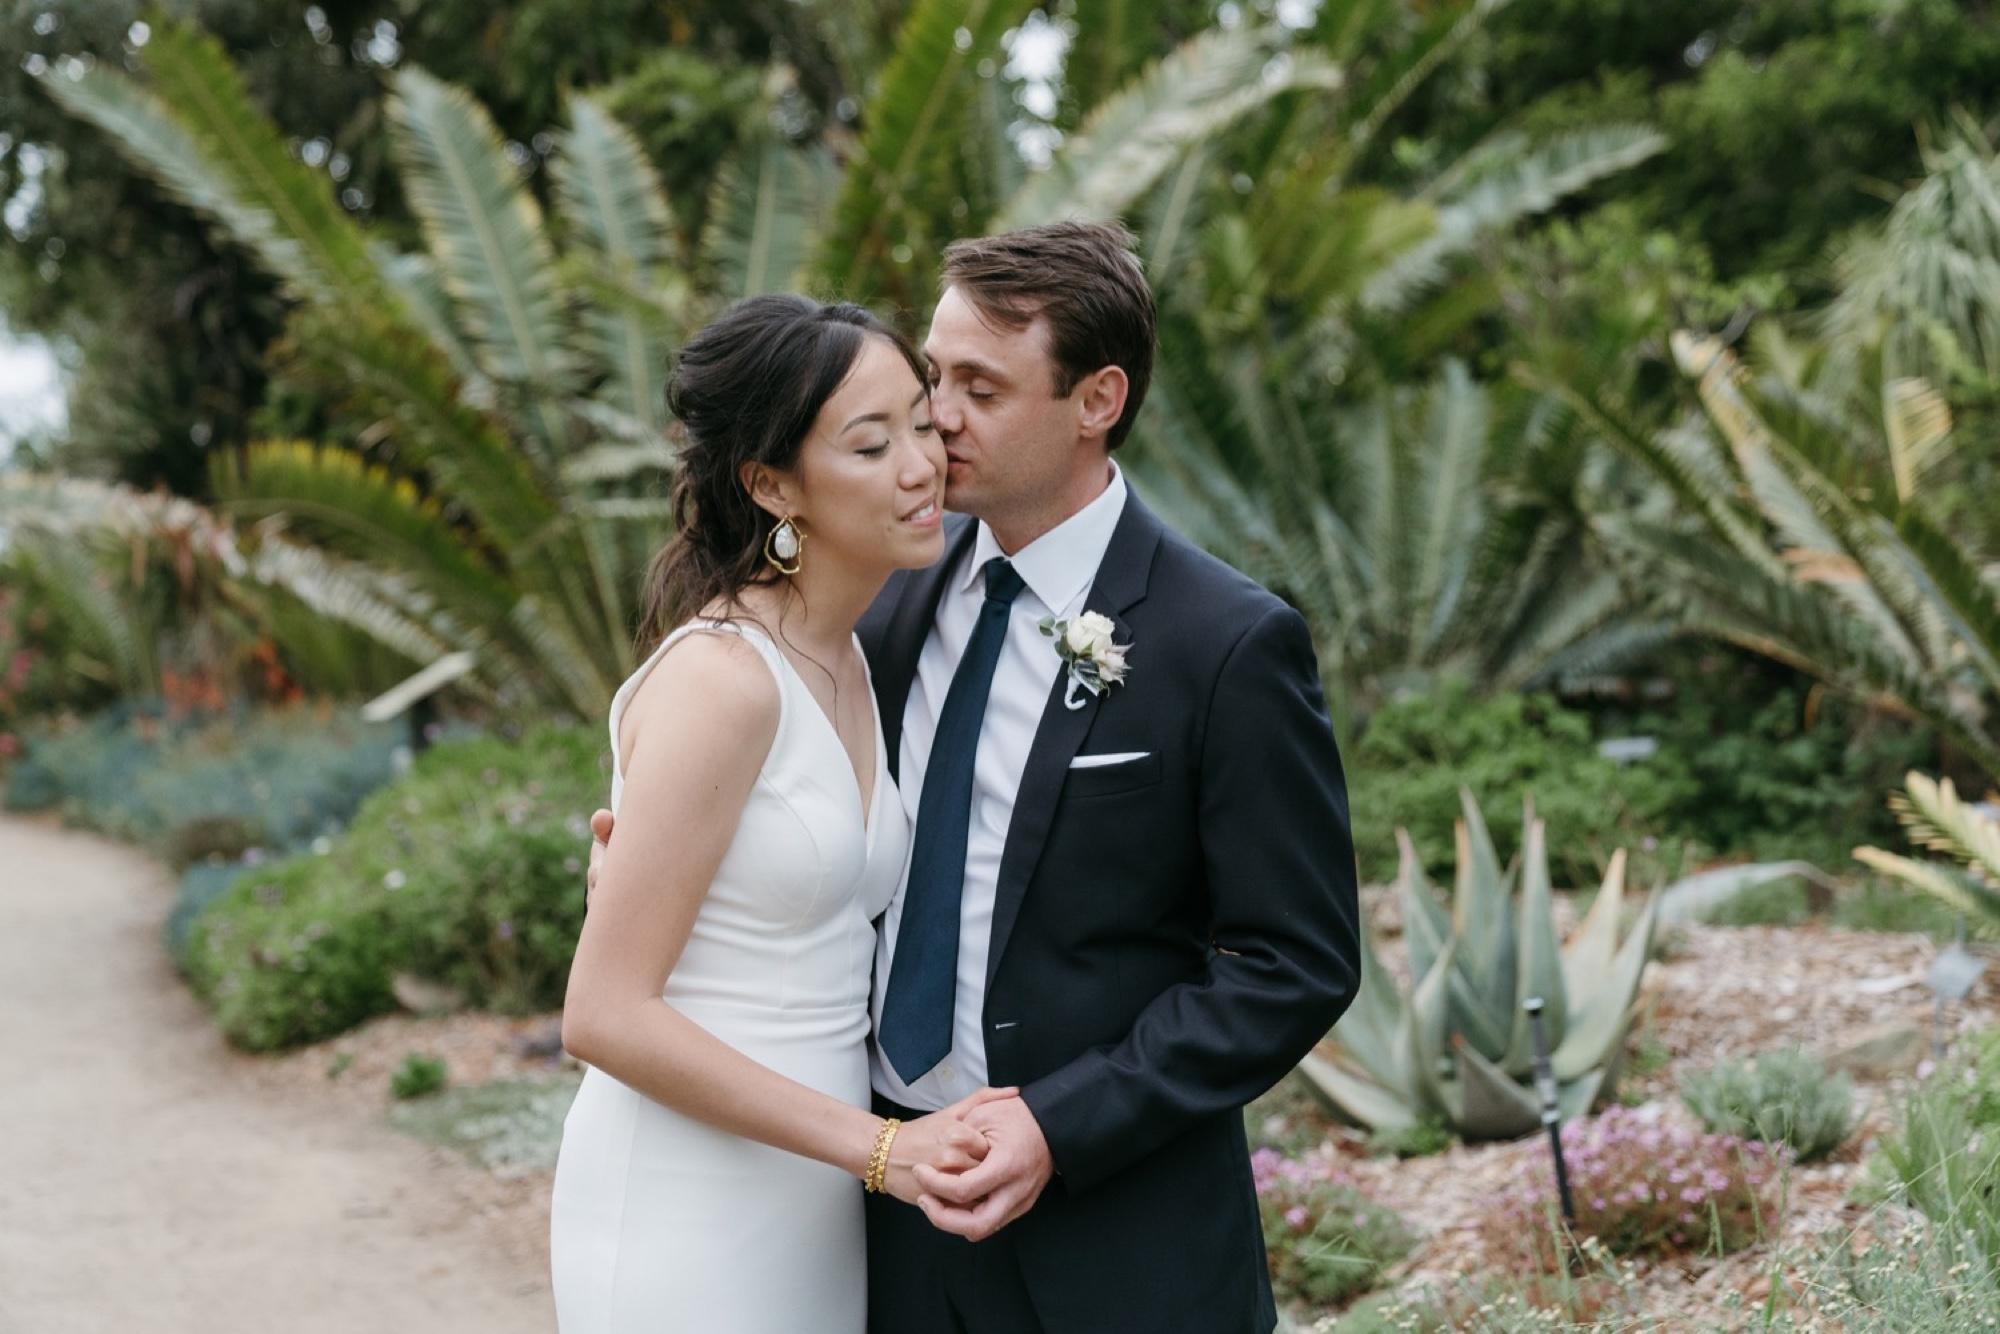 090_Shawna and Steve's Wedding-570.jpg